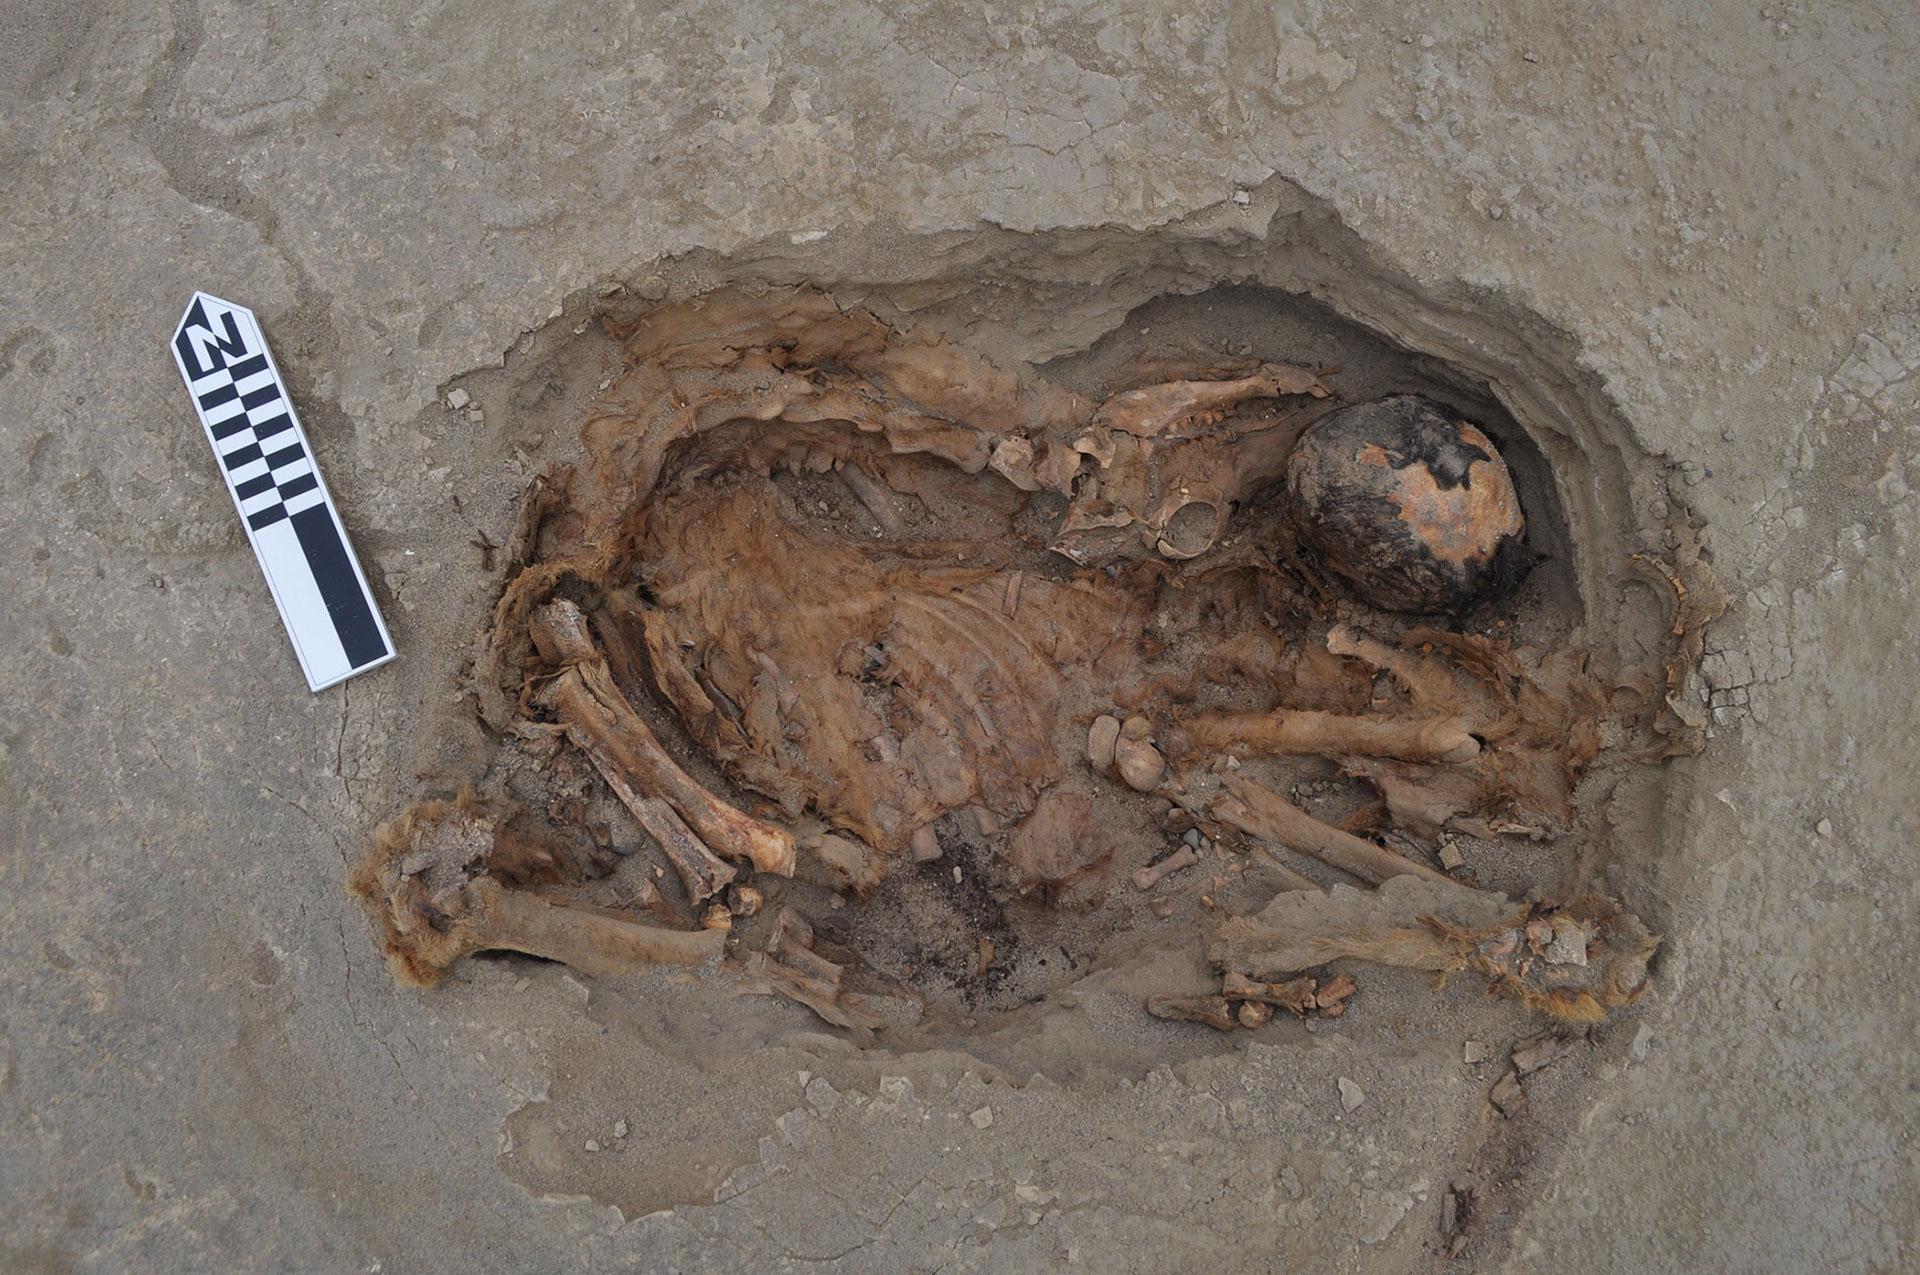 El esqueleto de una llama, mirando hacia los Andes, en el este (journals.plos.org)